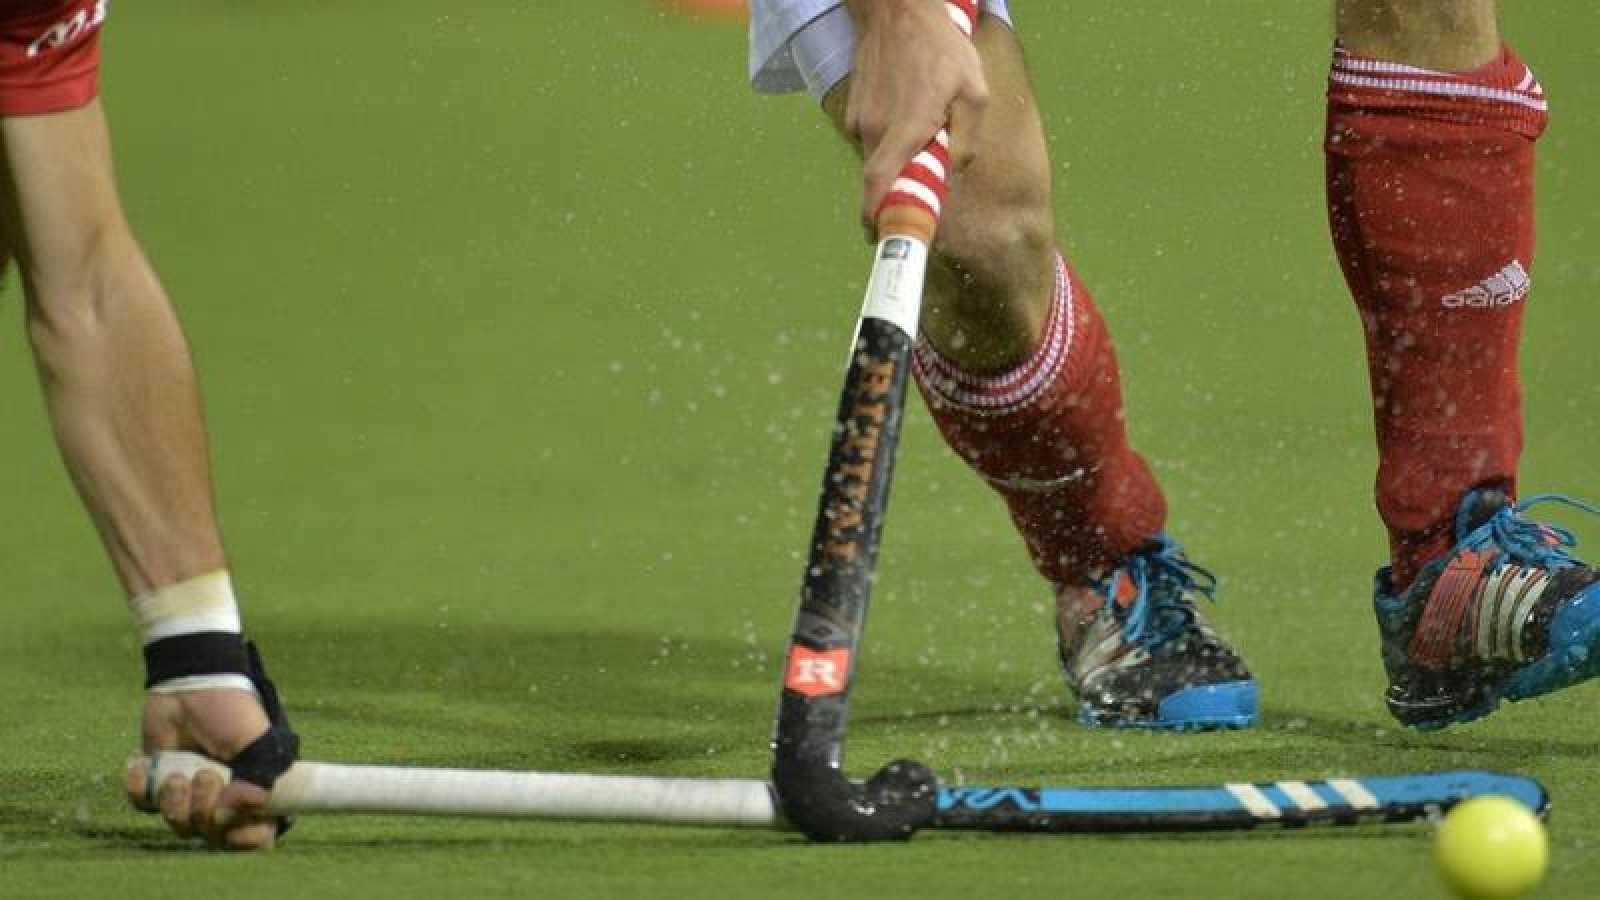 Detalle de un partido de hockey sobre hierba.